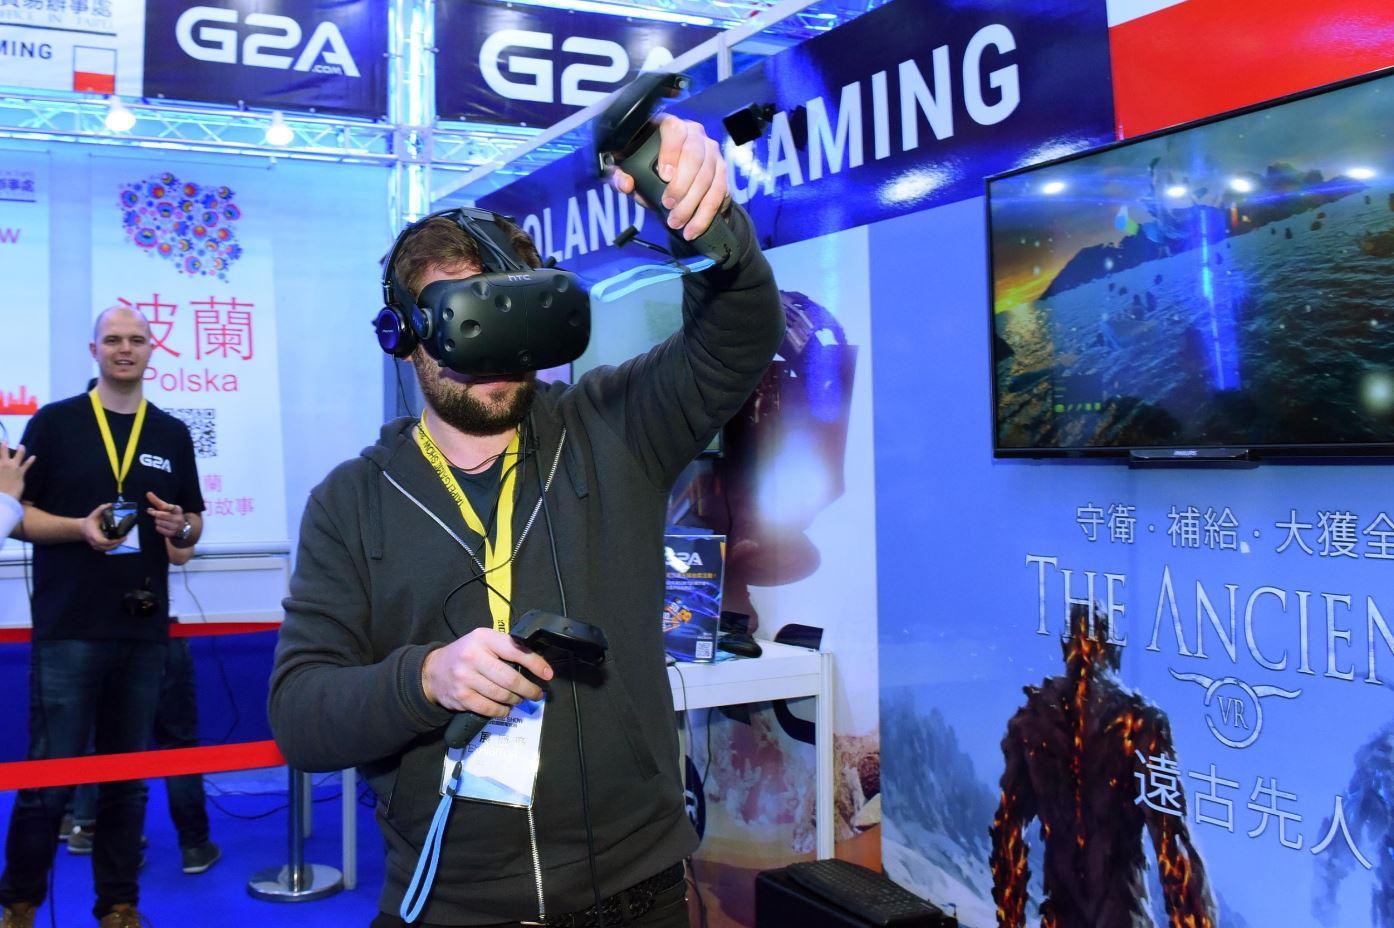 2018台北國際電玩展 全球佈局擴大版圖 VR內容元年與電競雙主軸